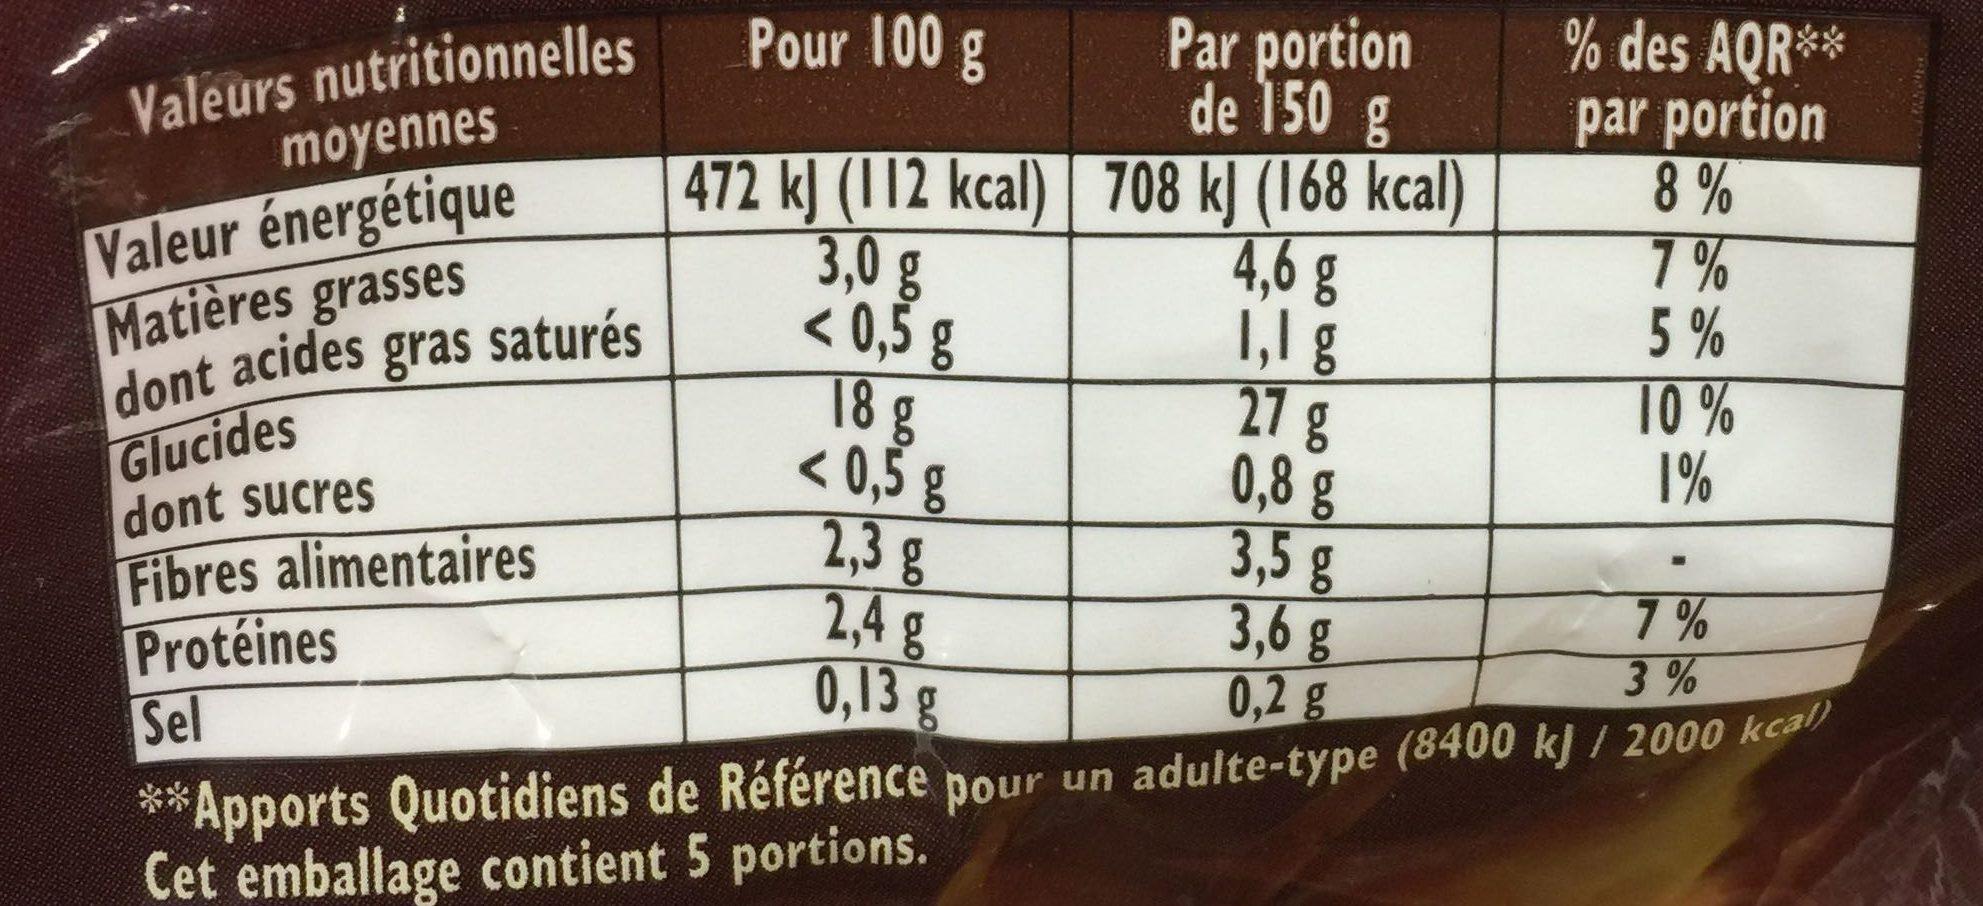 Pommes de terre coupees a l'ancienn - Informations nutritionnelles